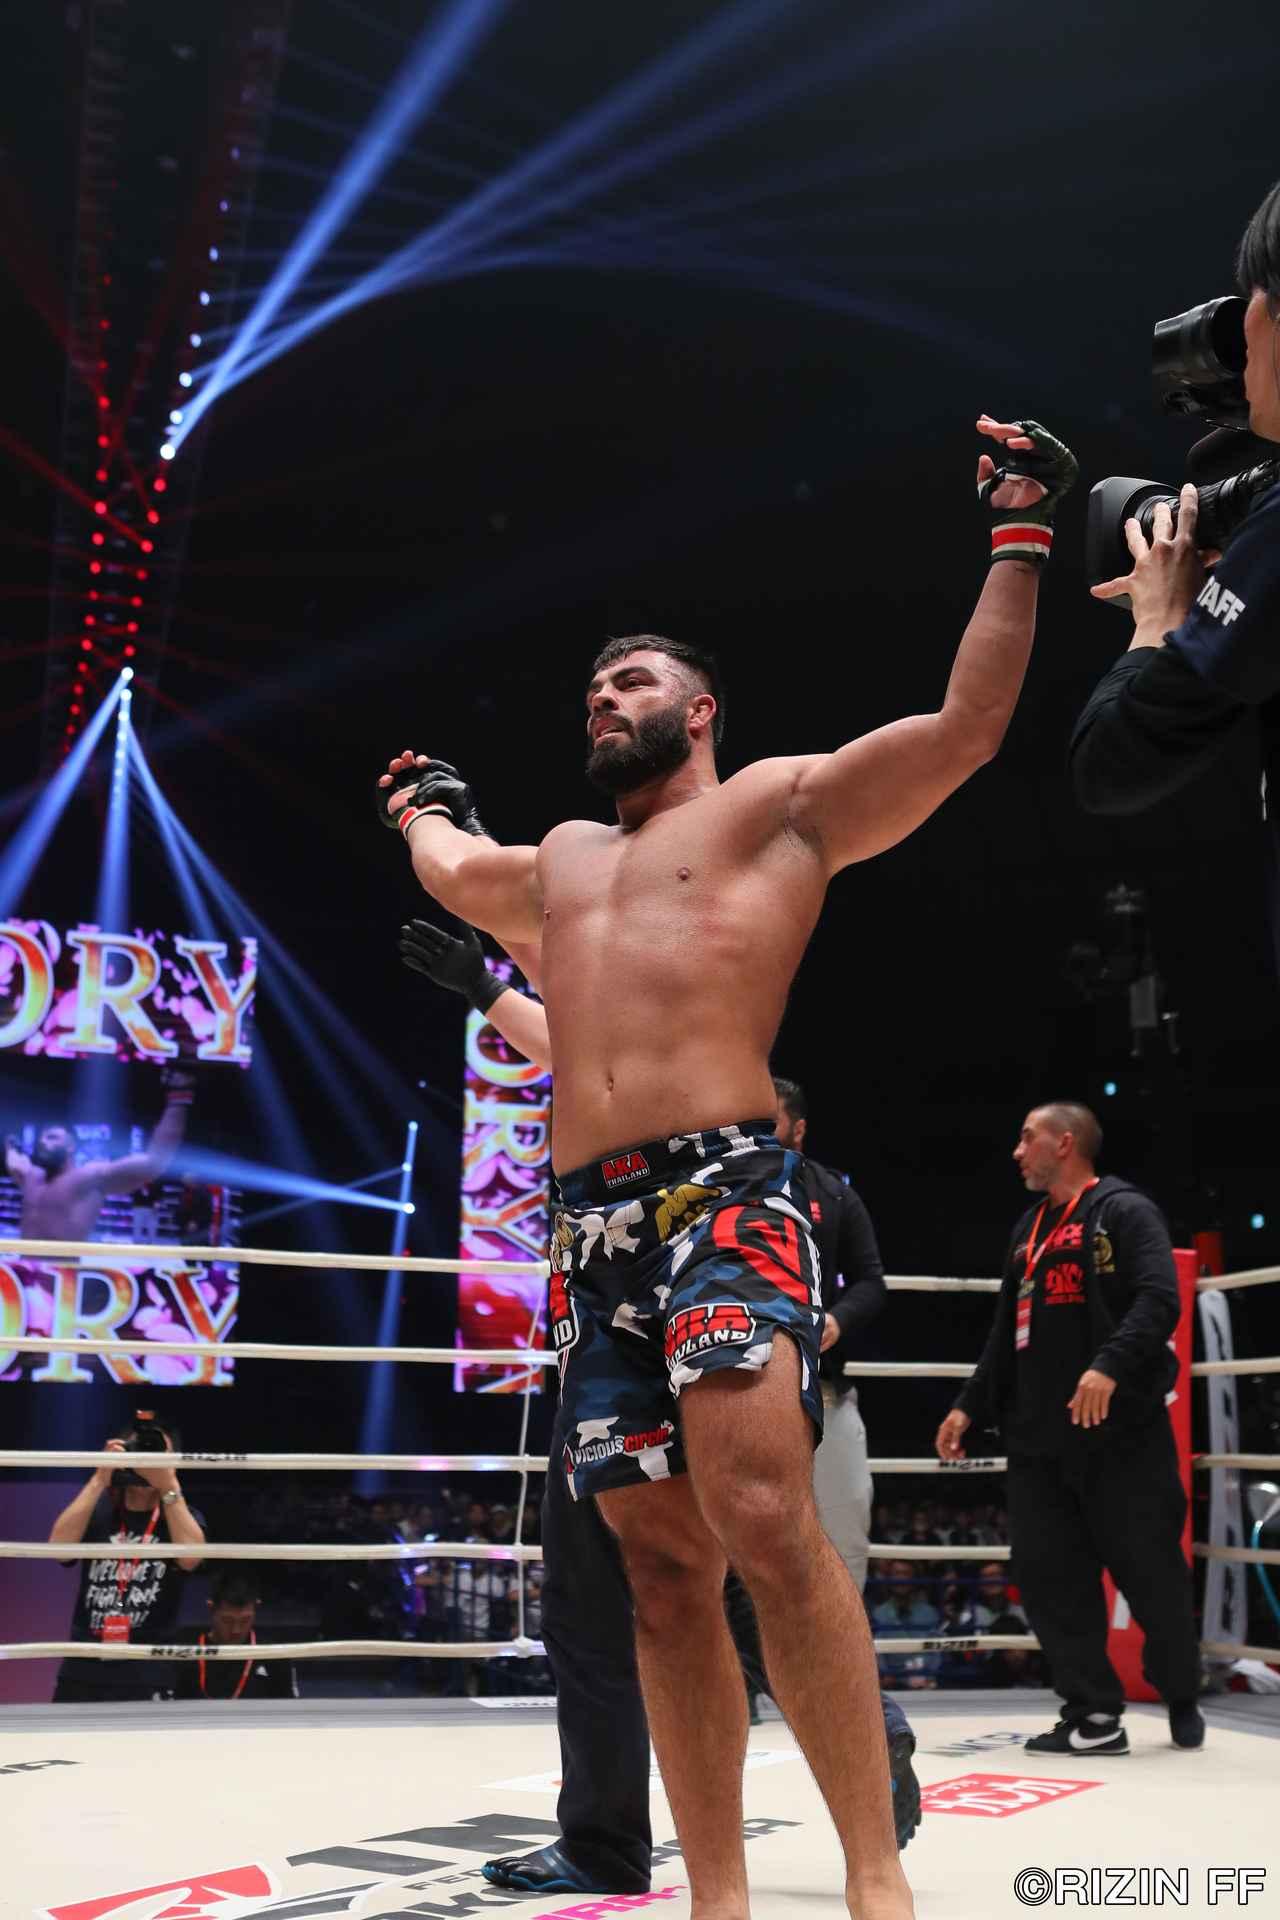 画像4: 昨年RIZIN無差別級トーナメントのファイナリスト、アミール・アリアックバリが今年もRIZINで大暴れ。MMA56戦のベテラン&タフネスファイター、ジェロニモ・ドス・サントスと対戦する。